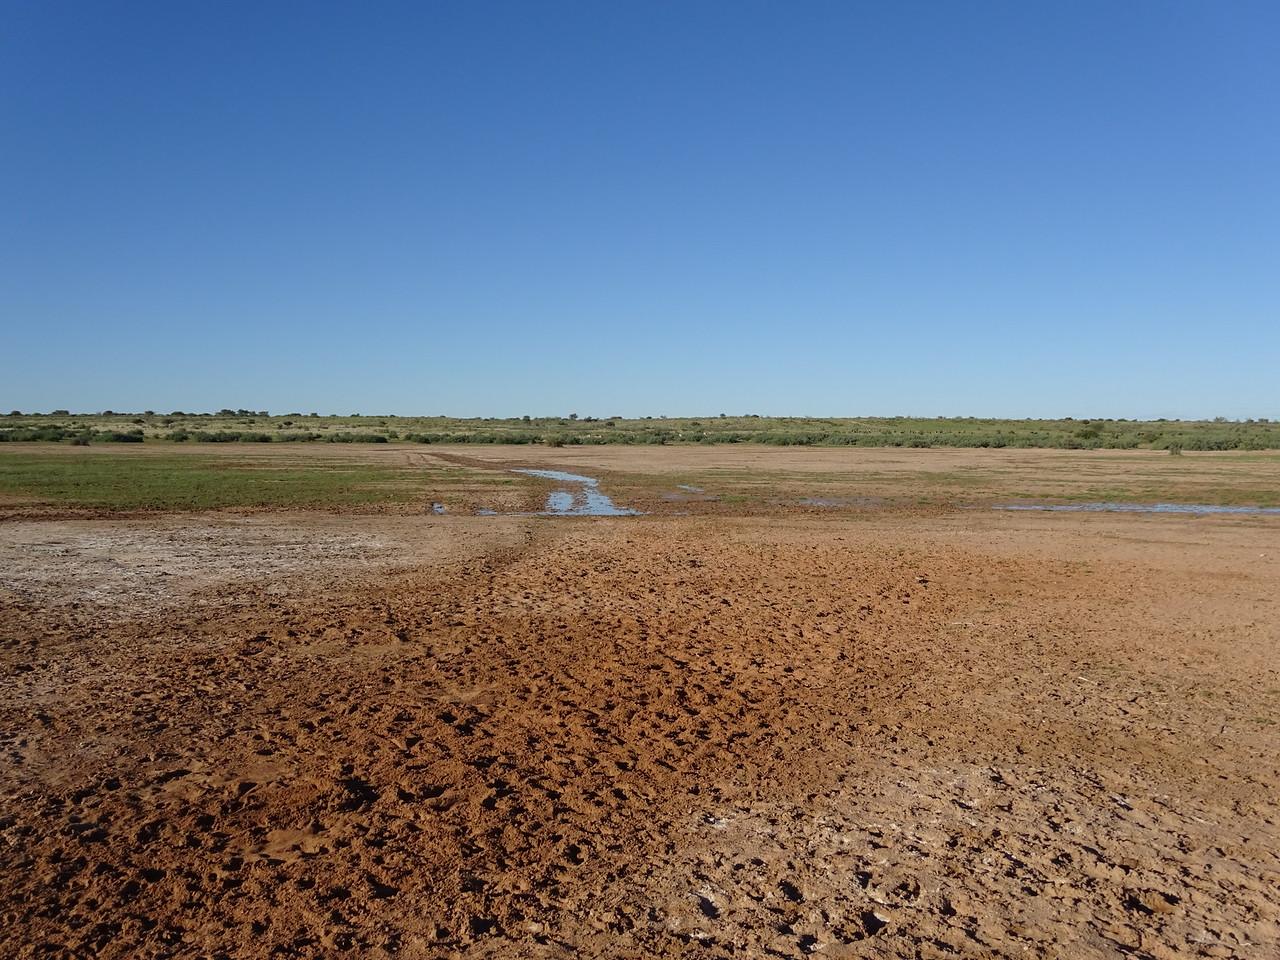 030_Gondwana Kalahari Park